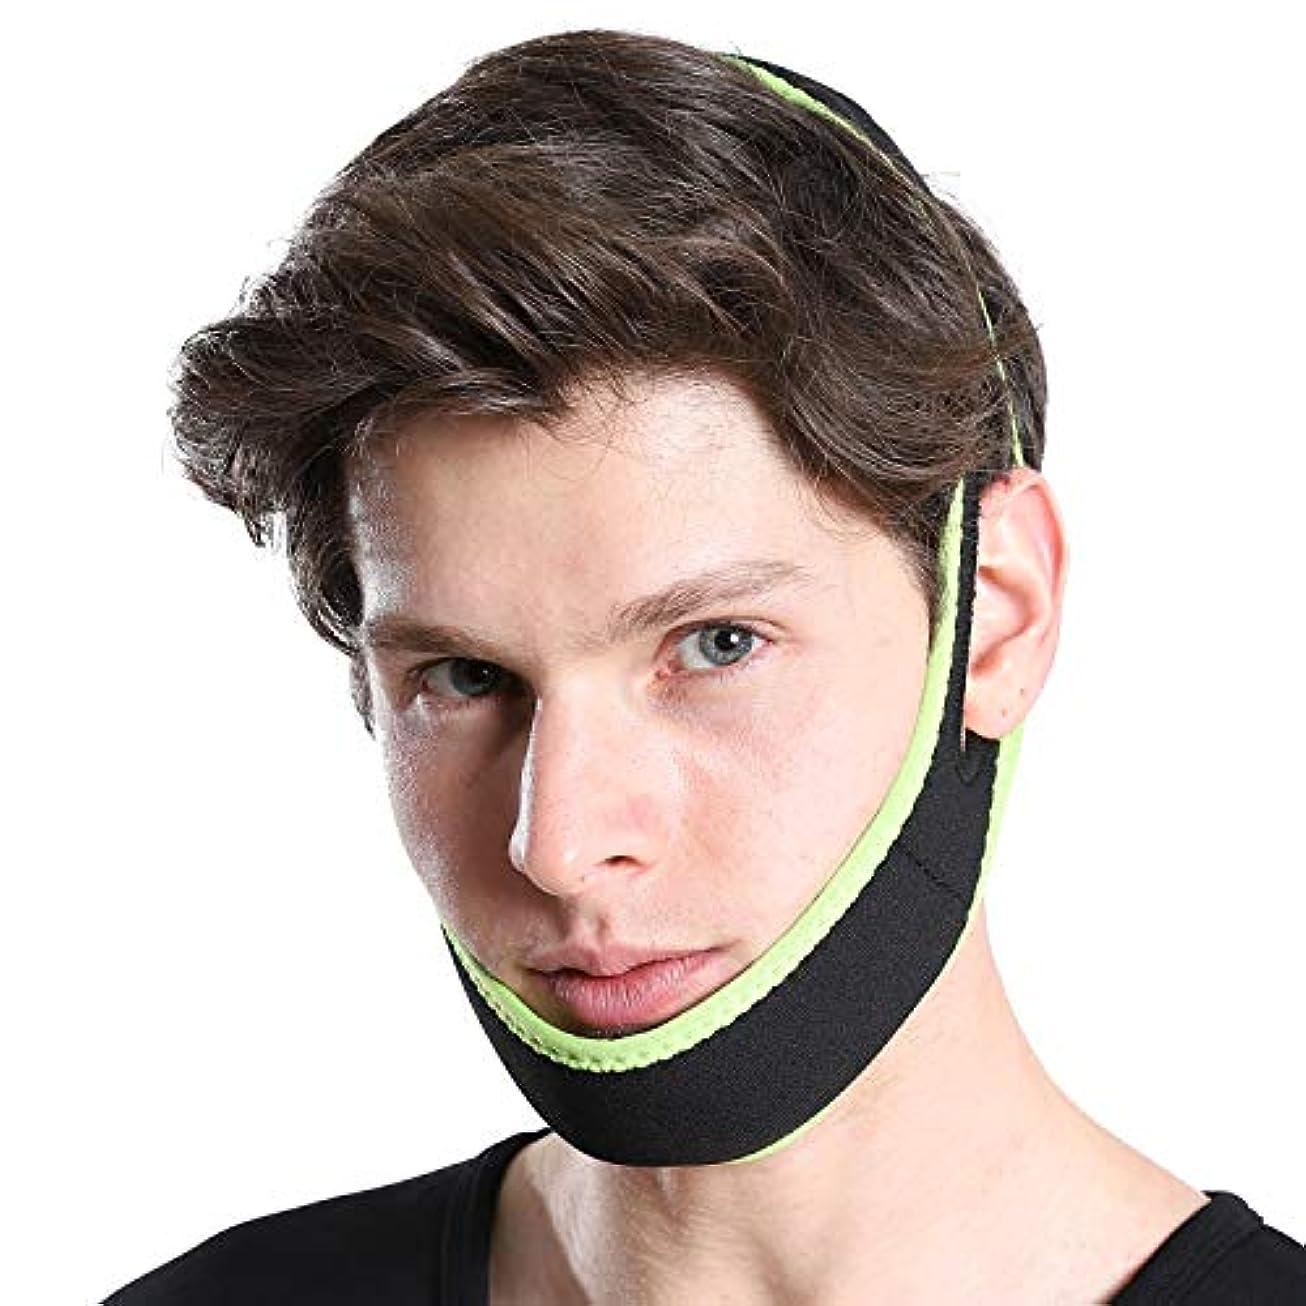 ヒット悲鳴警官ELPIRKA 小顔マスク メンズ ゲルマニウムチタン 配合で 顔痩せ 小顔 リフトアップ!